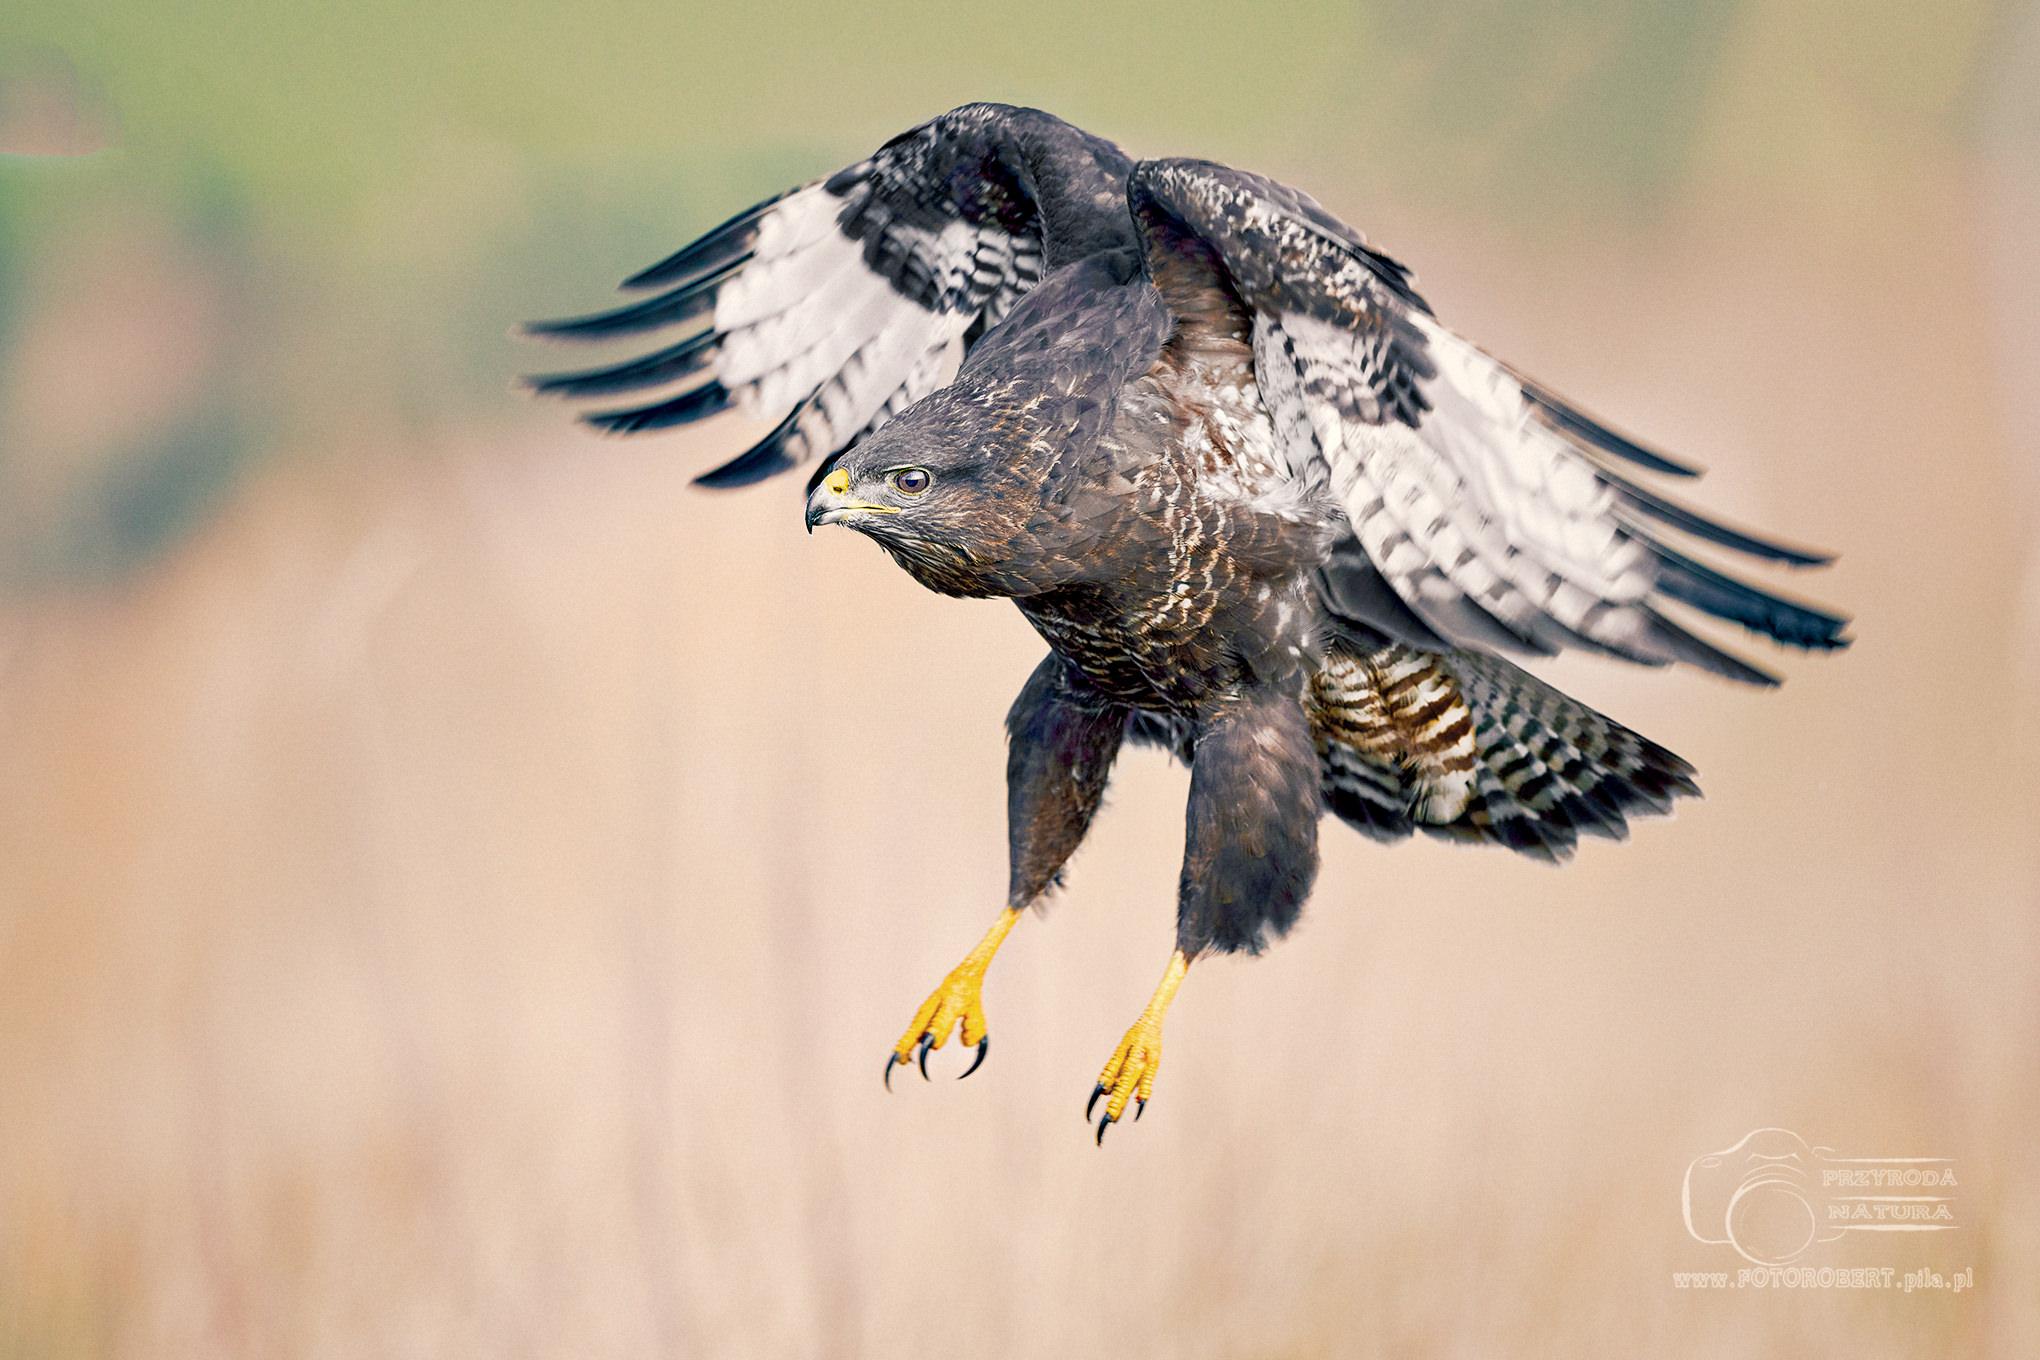 mysołów Ptak drapieżny fotografia przyrodnicza Piła